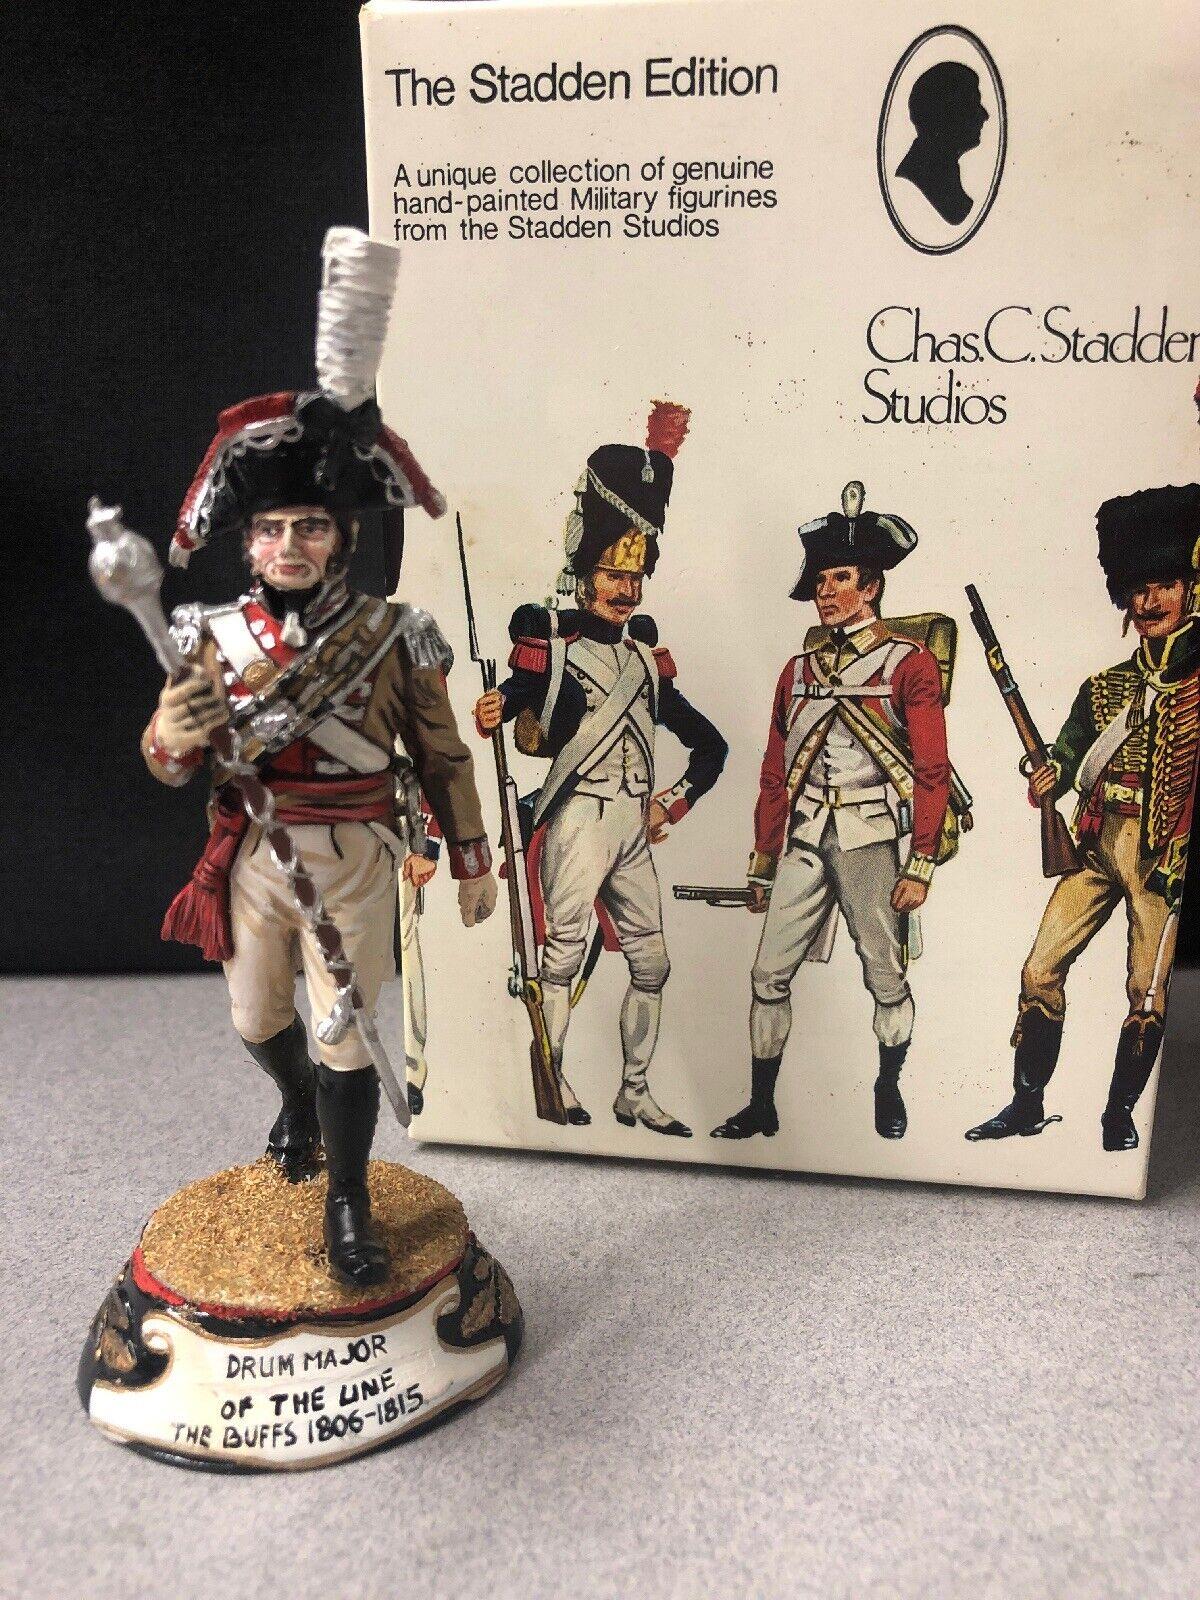 Chas. C. Stadden Studios Ltd. Drum Major of the Line The Buffs 1806-1815